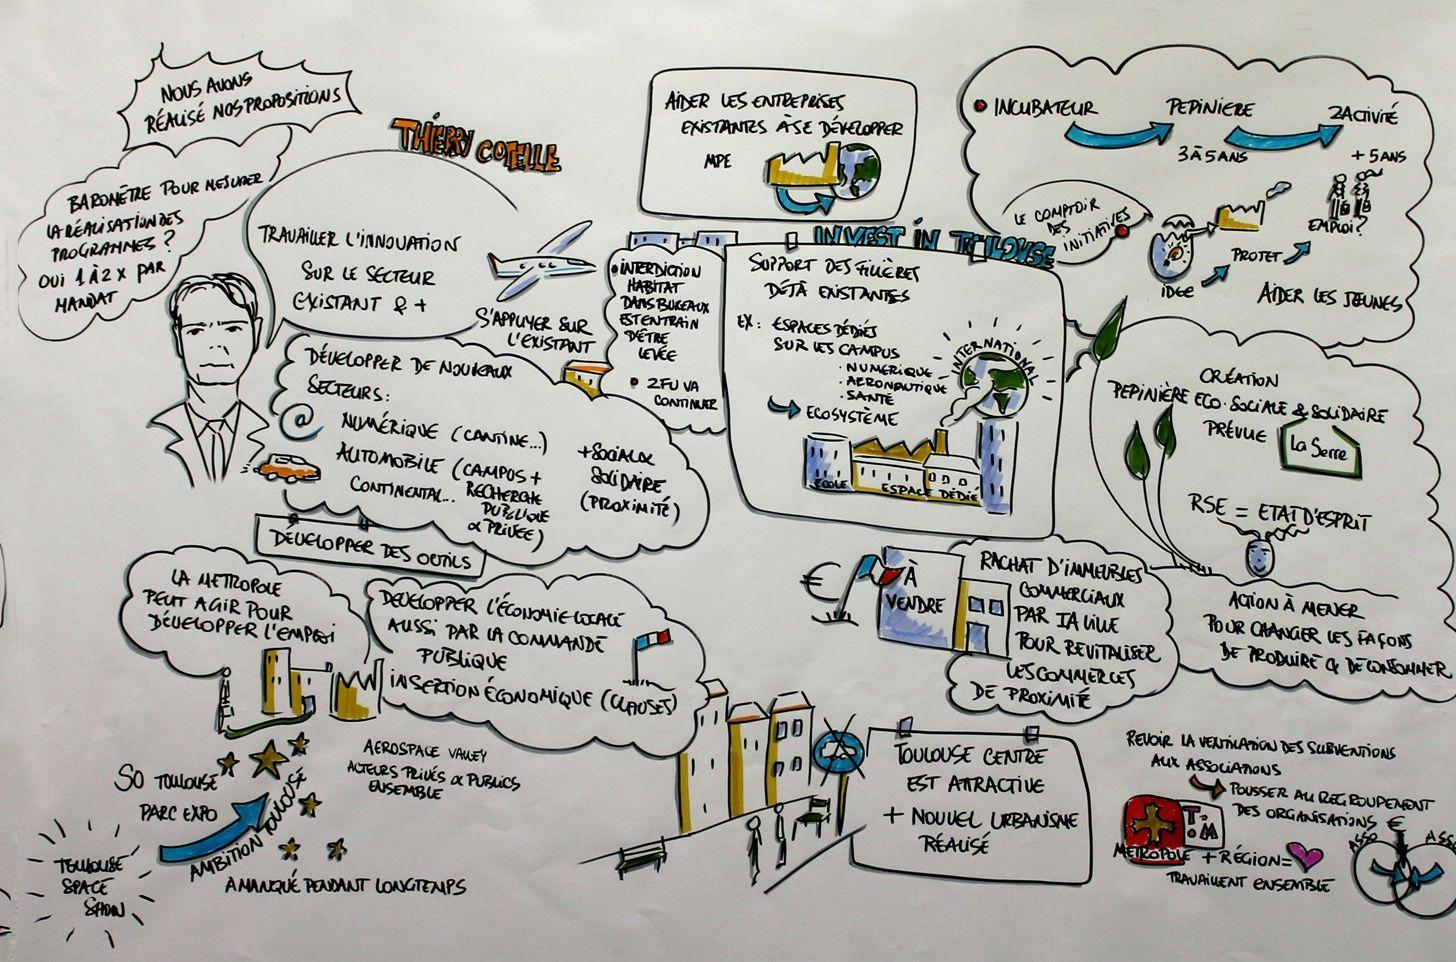 Débat Développement Eco : intervention de Thierry Cotelle